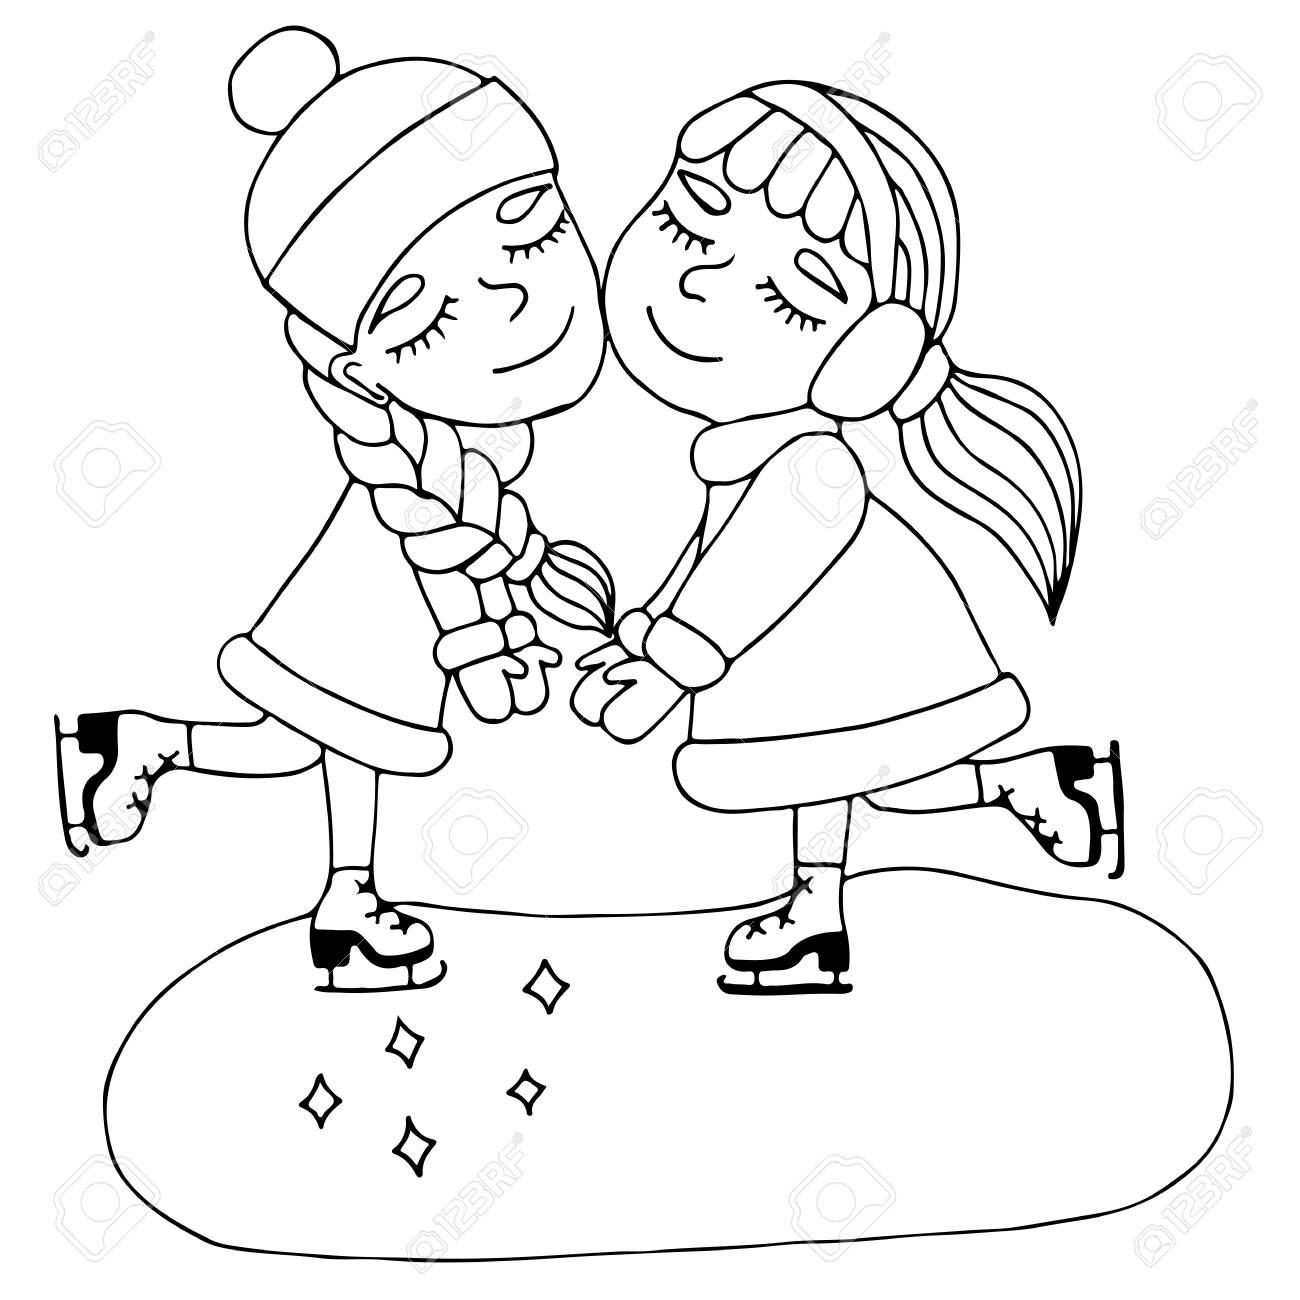 Deux Amies Tiennent Les Mains Sur Des Patins Mono Couleur Noir